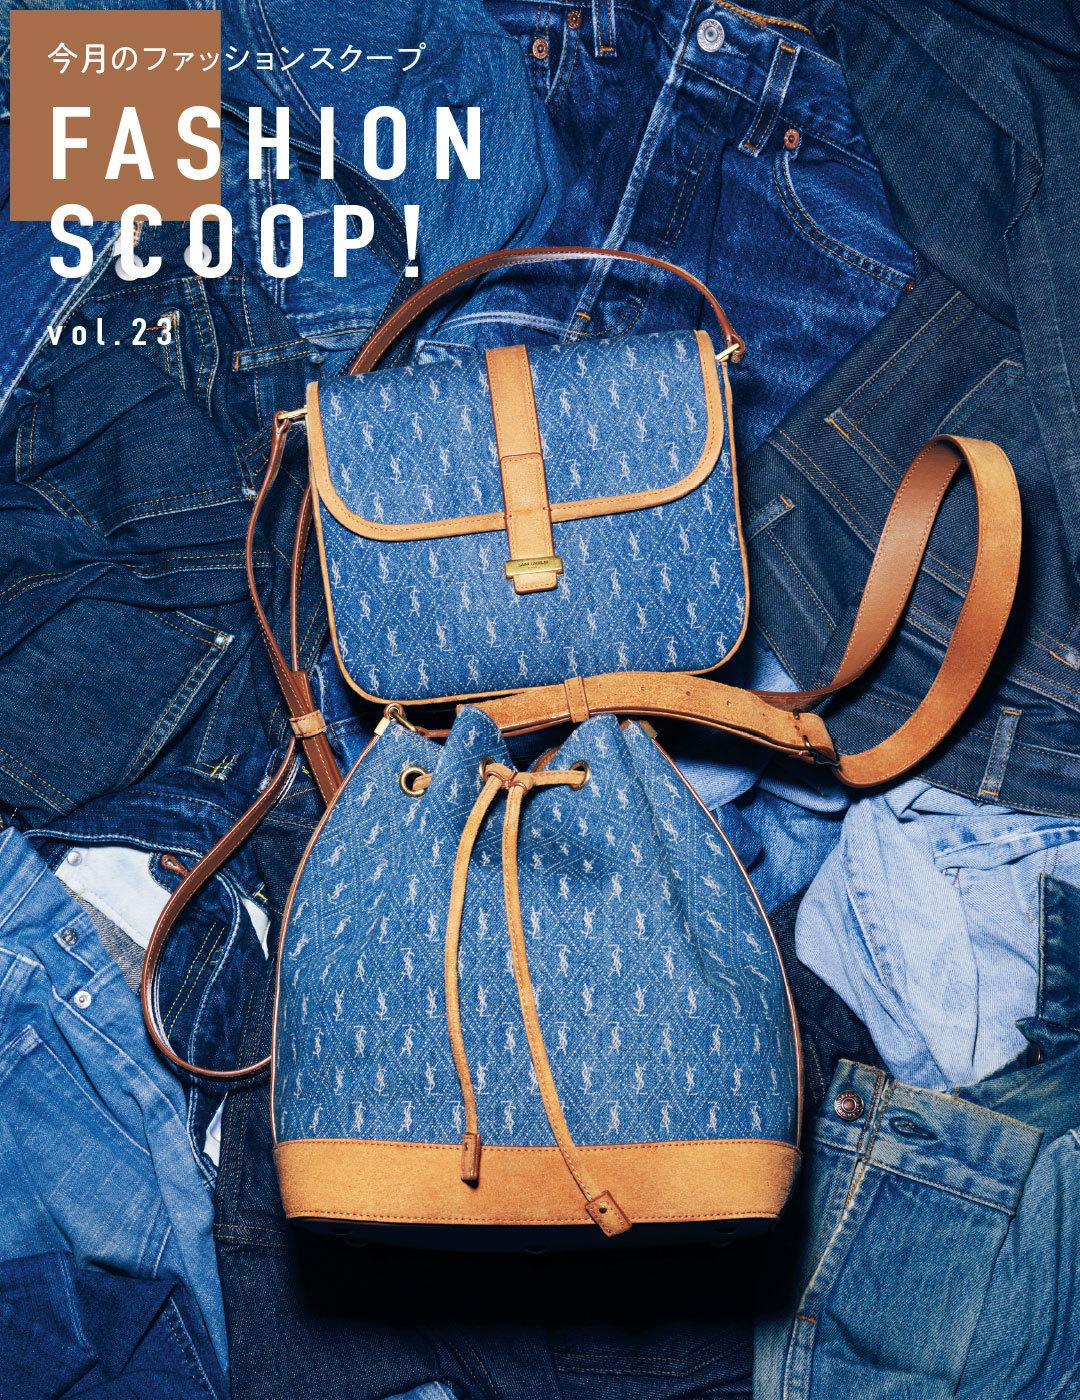 今月のファッションスクープ FASHION SCOOP! vol.23